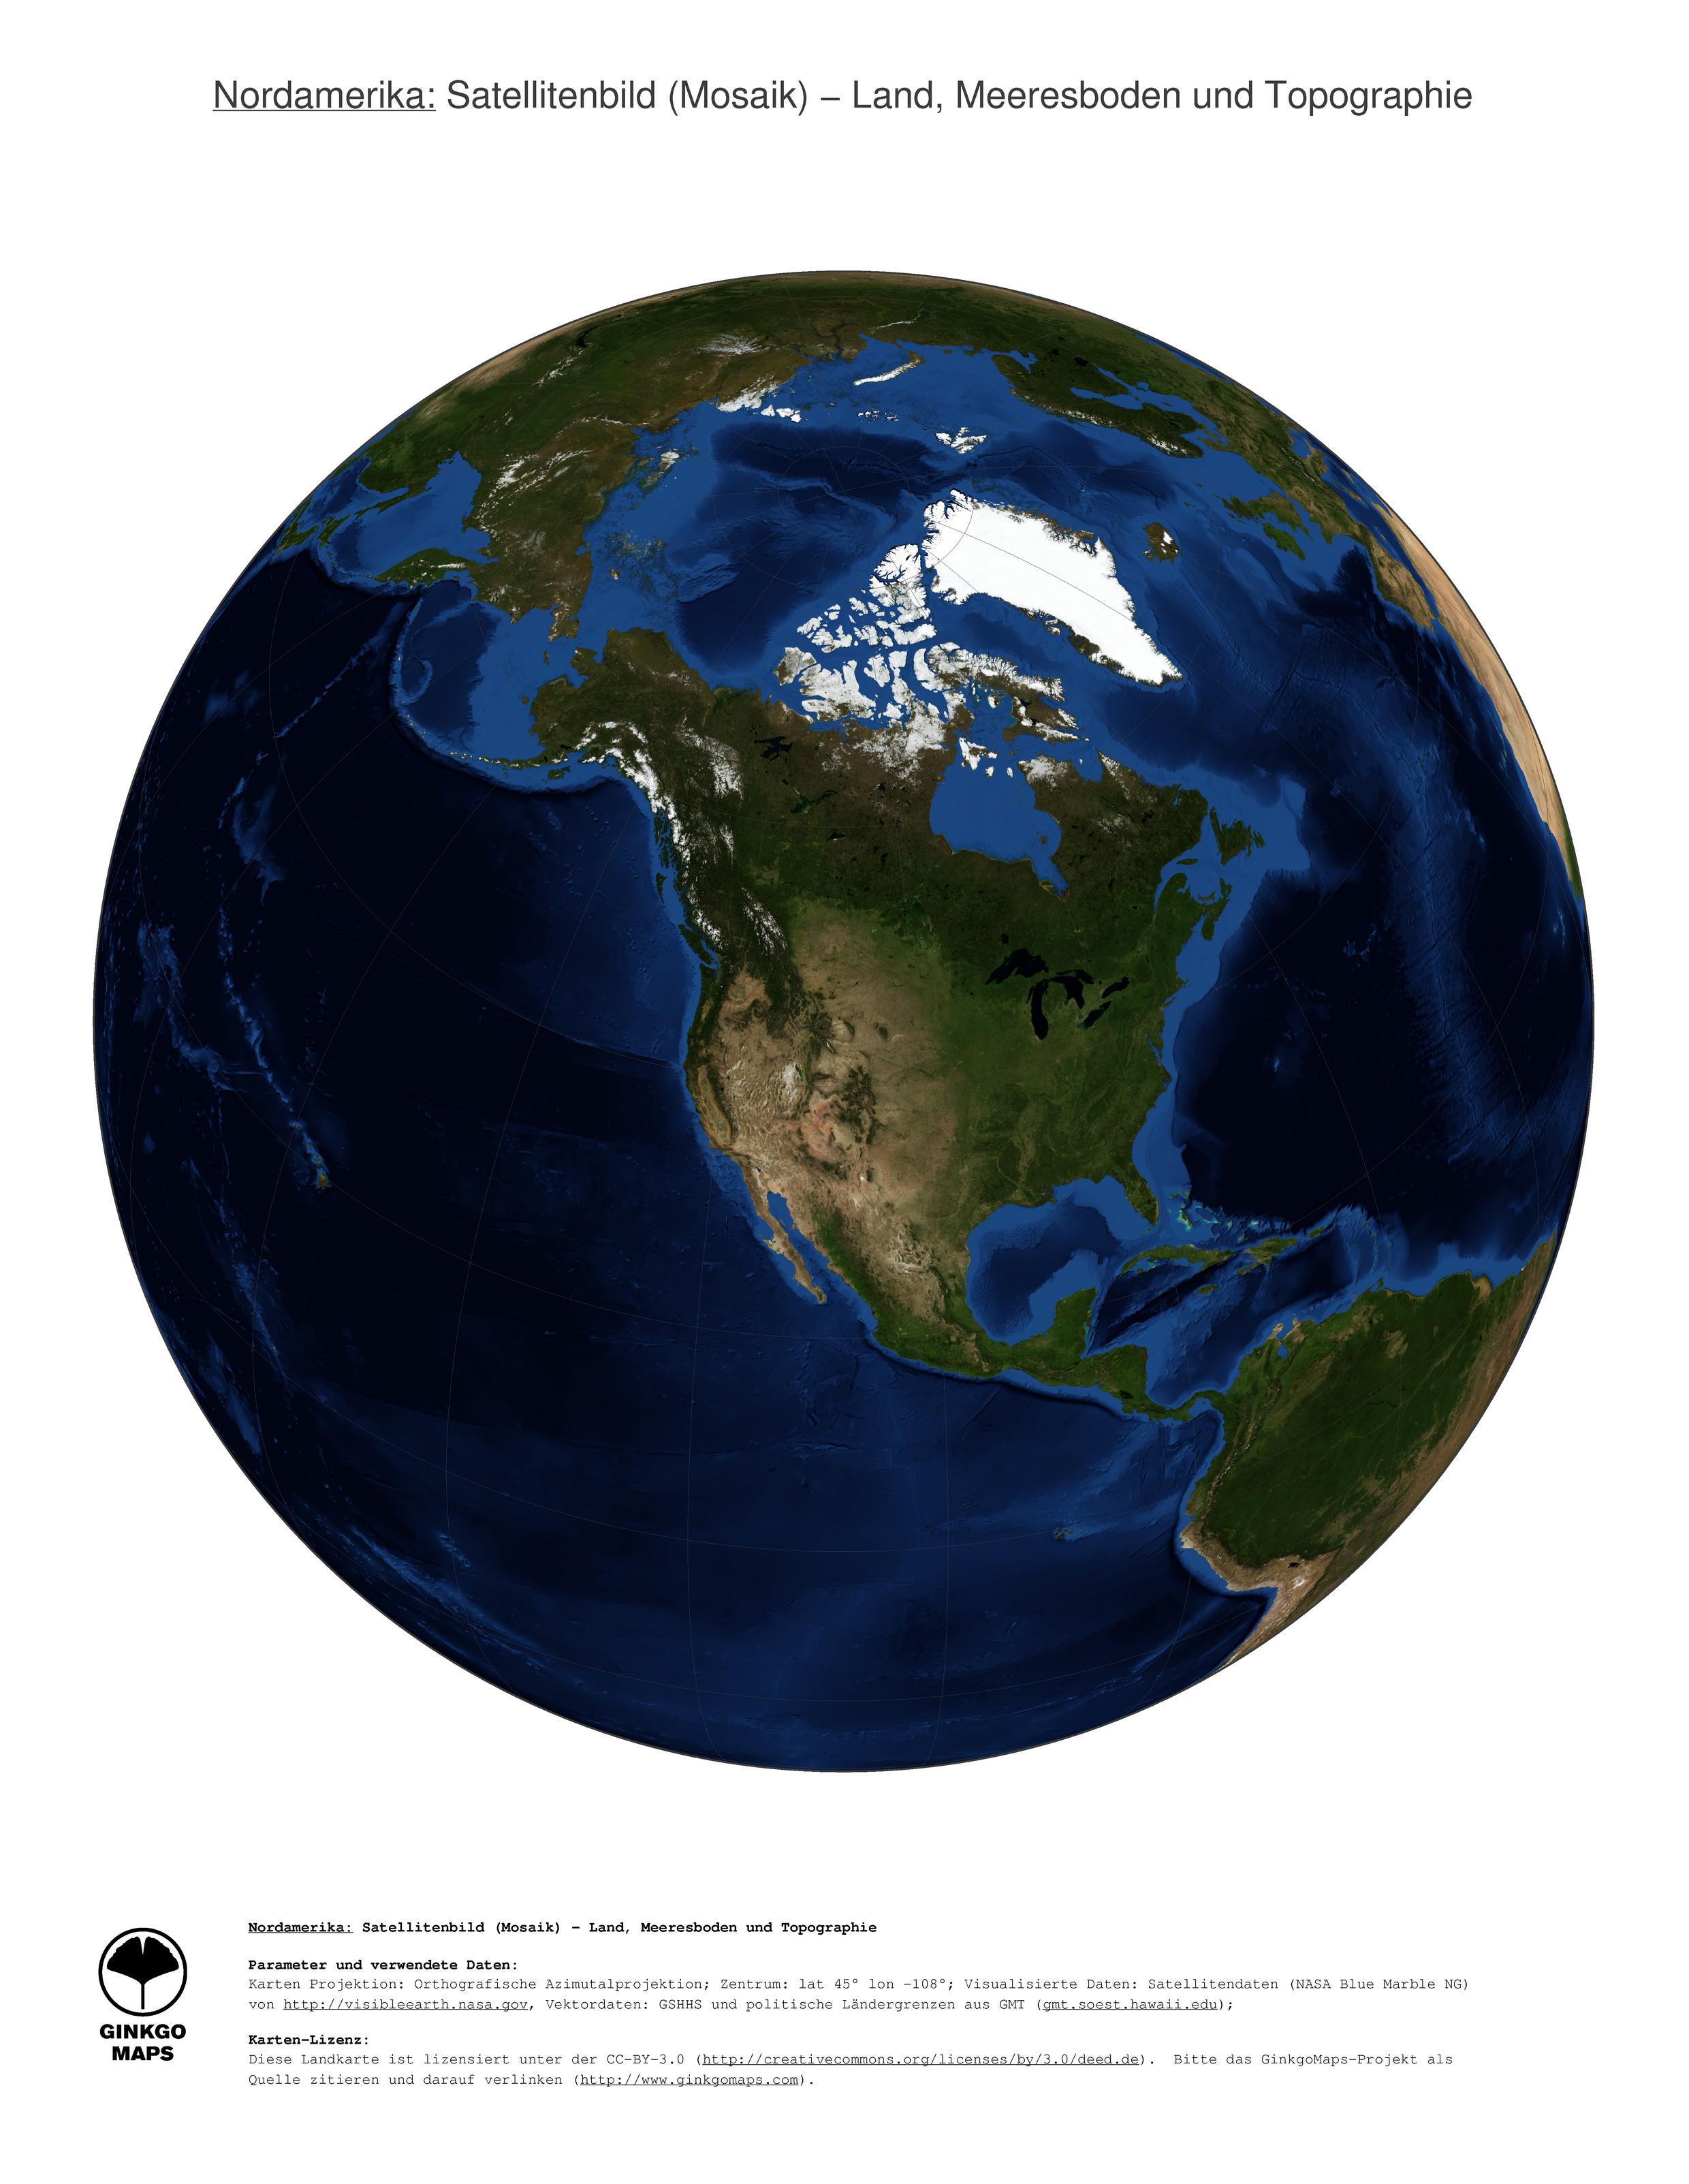 landkarte nordamerika ginkgomaps landkarten sammlung kontinent nordamerika region nordamerika. Black Bedroom Furniture Sets. Home Design Ideas